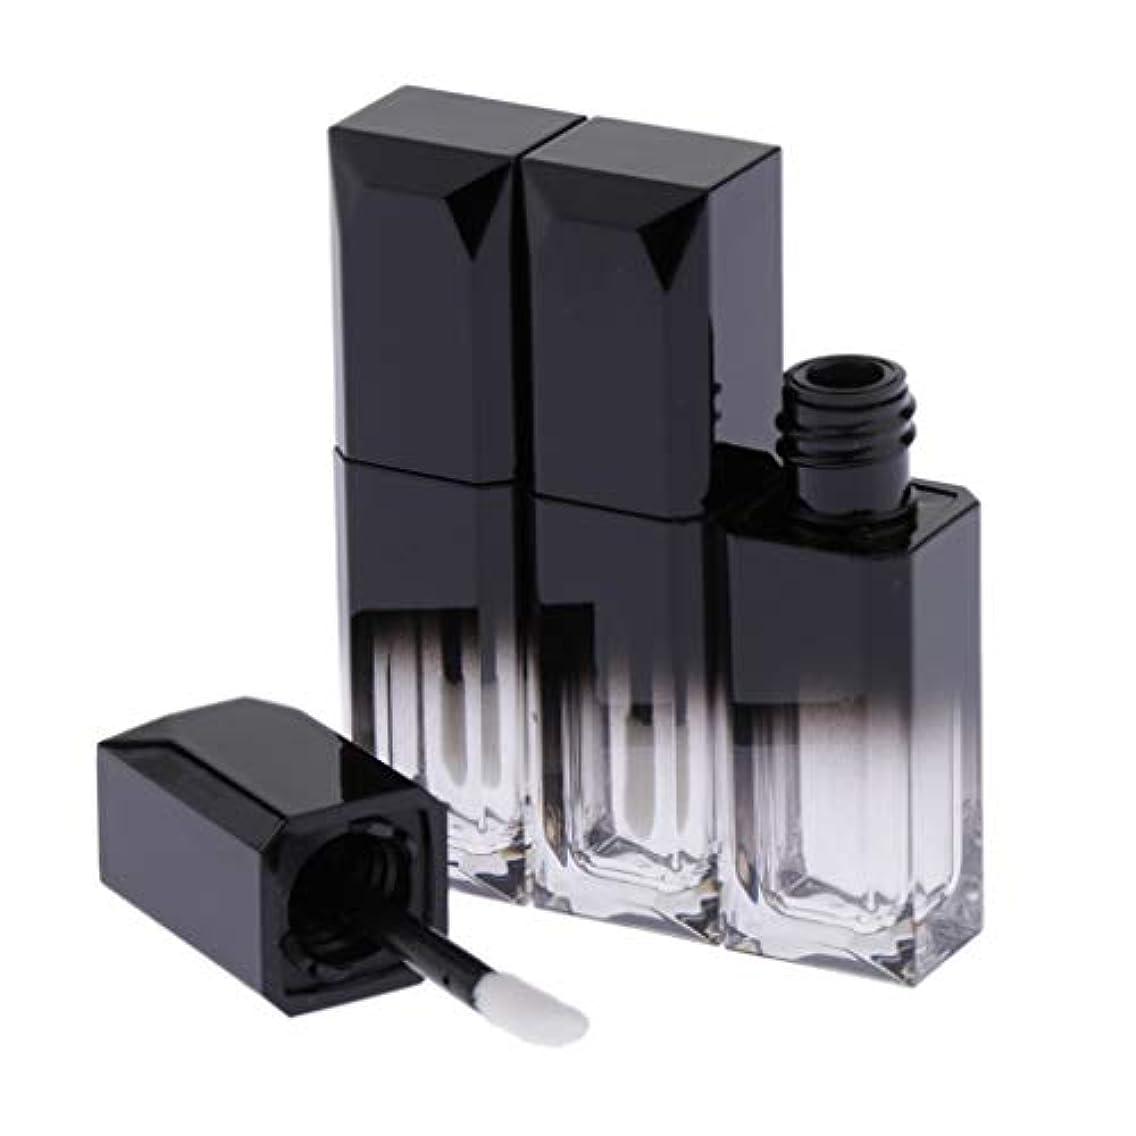 オリエンタルセグメント悪いT TOOYFUL リップクリーム容器 チューブバームコンテナ 化粧品 全2カラー - ブラック